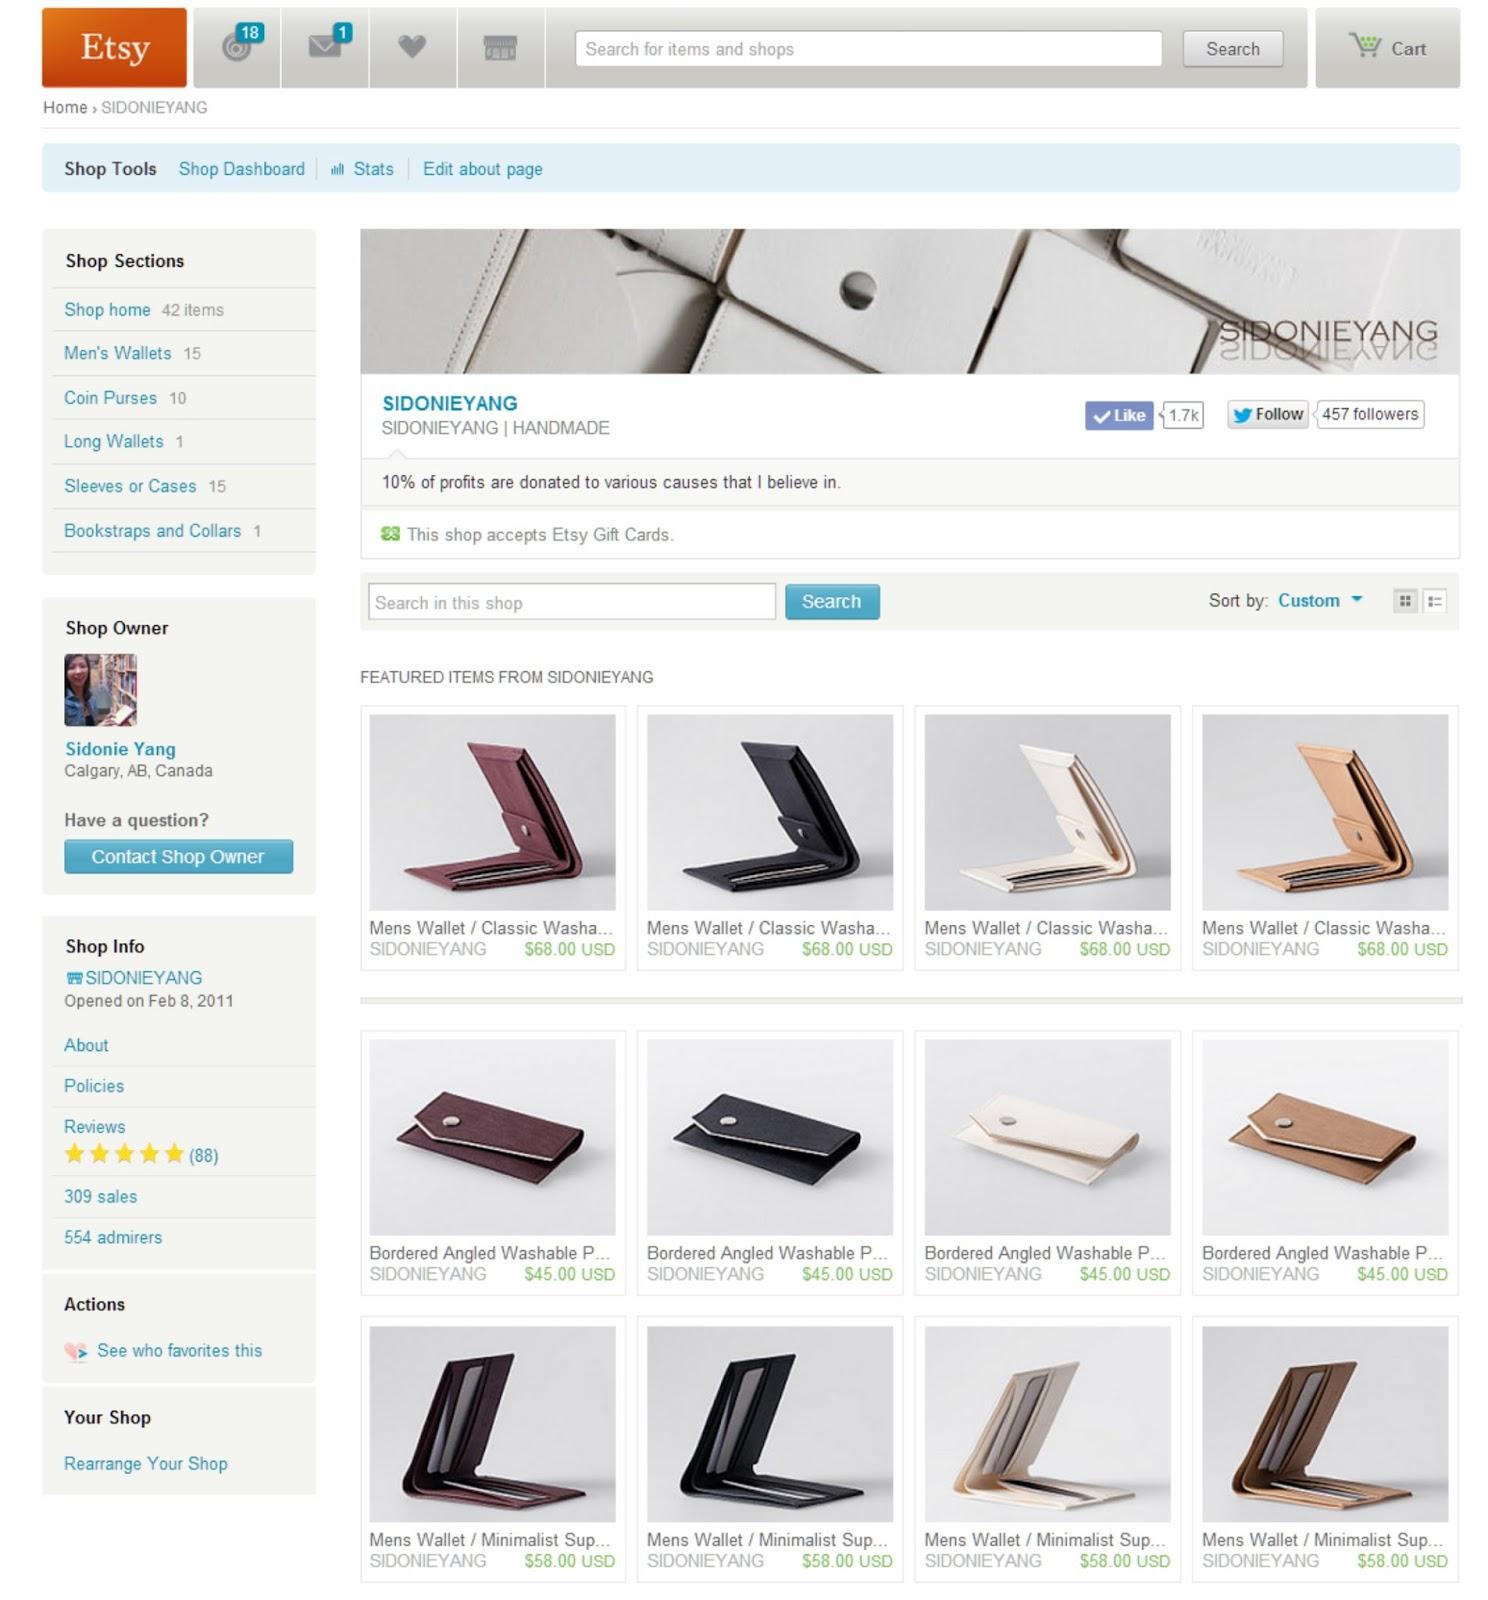 紙樣手創設計在Etsy 的網路商店截圖於 2014/06/13